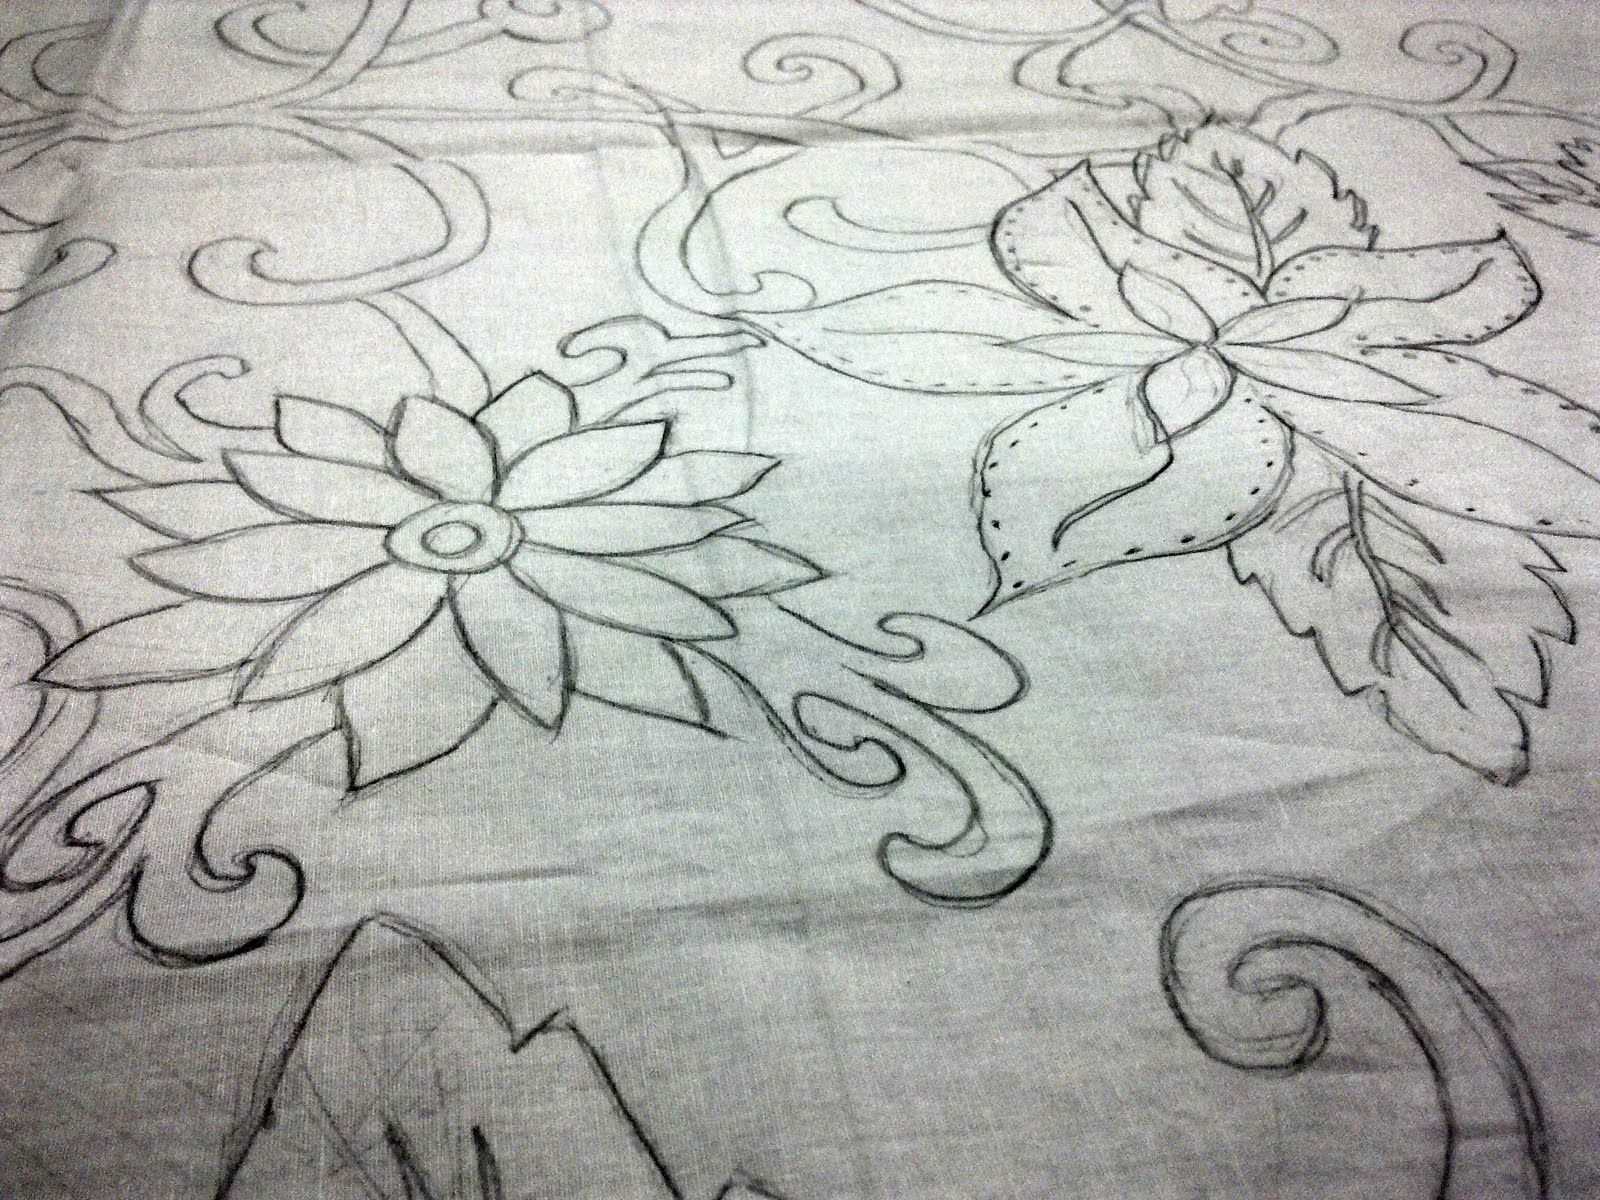 Sketsa Batik Yang Mudah Ditiru Sempoa Dunia